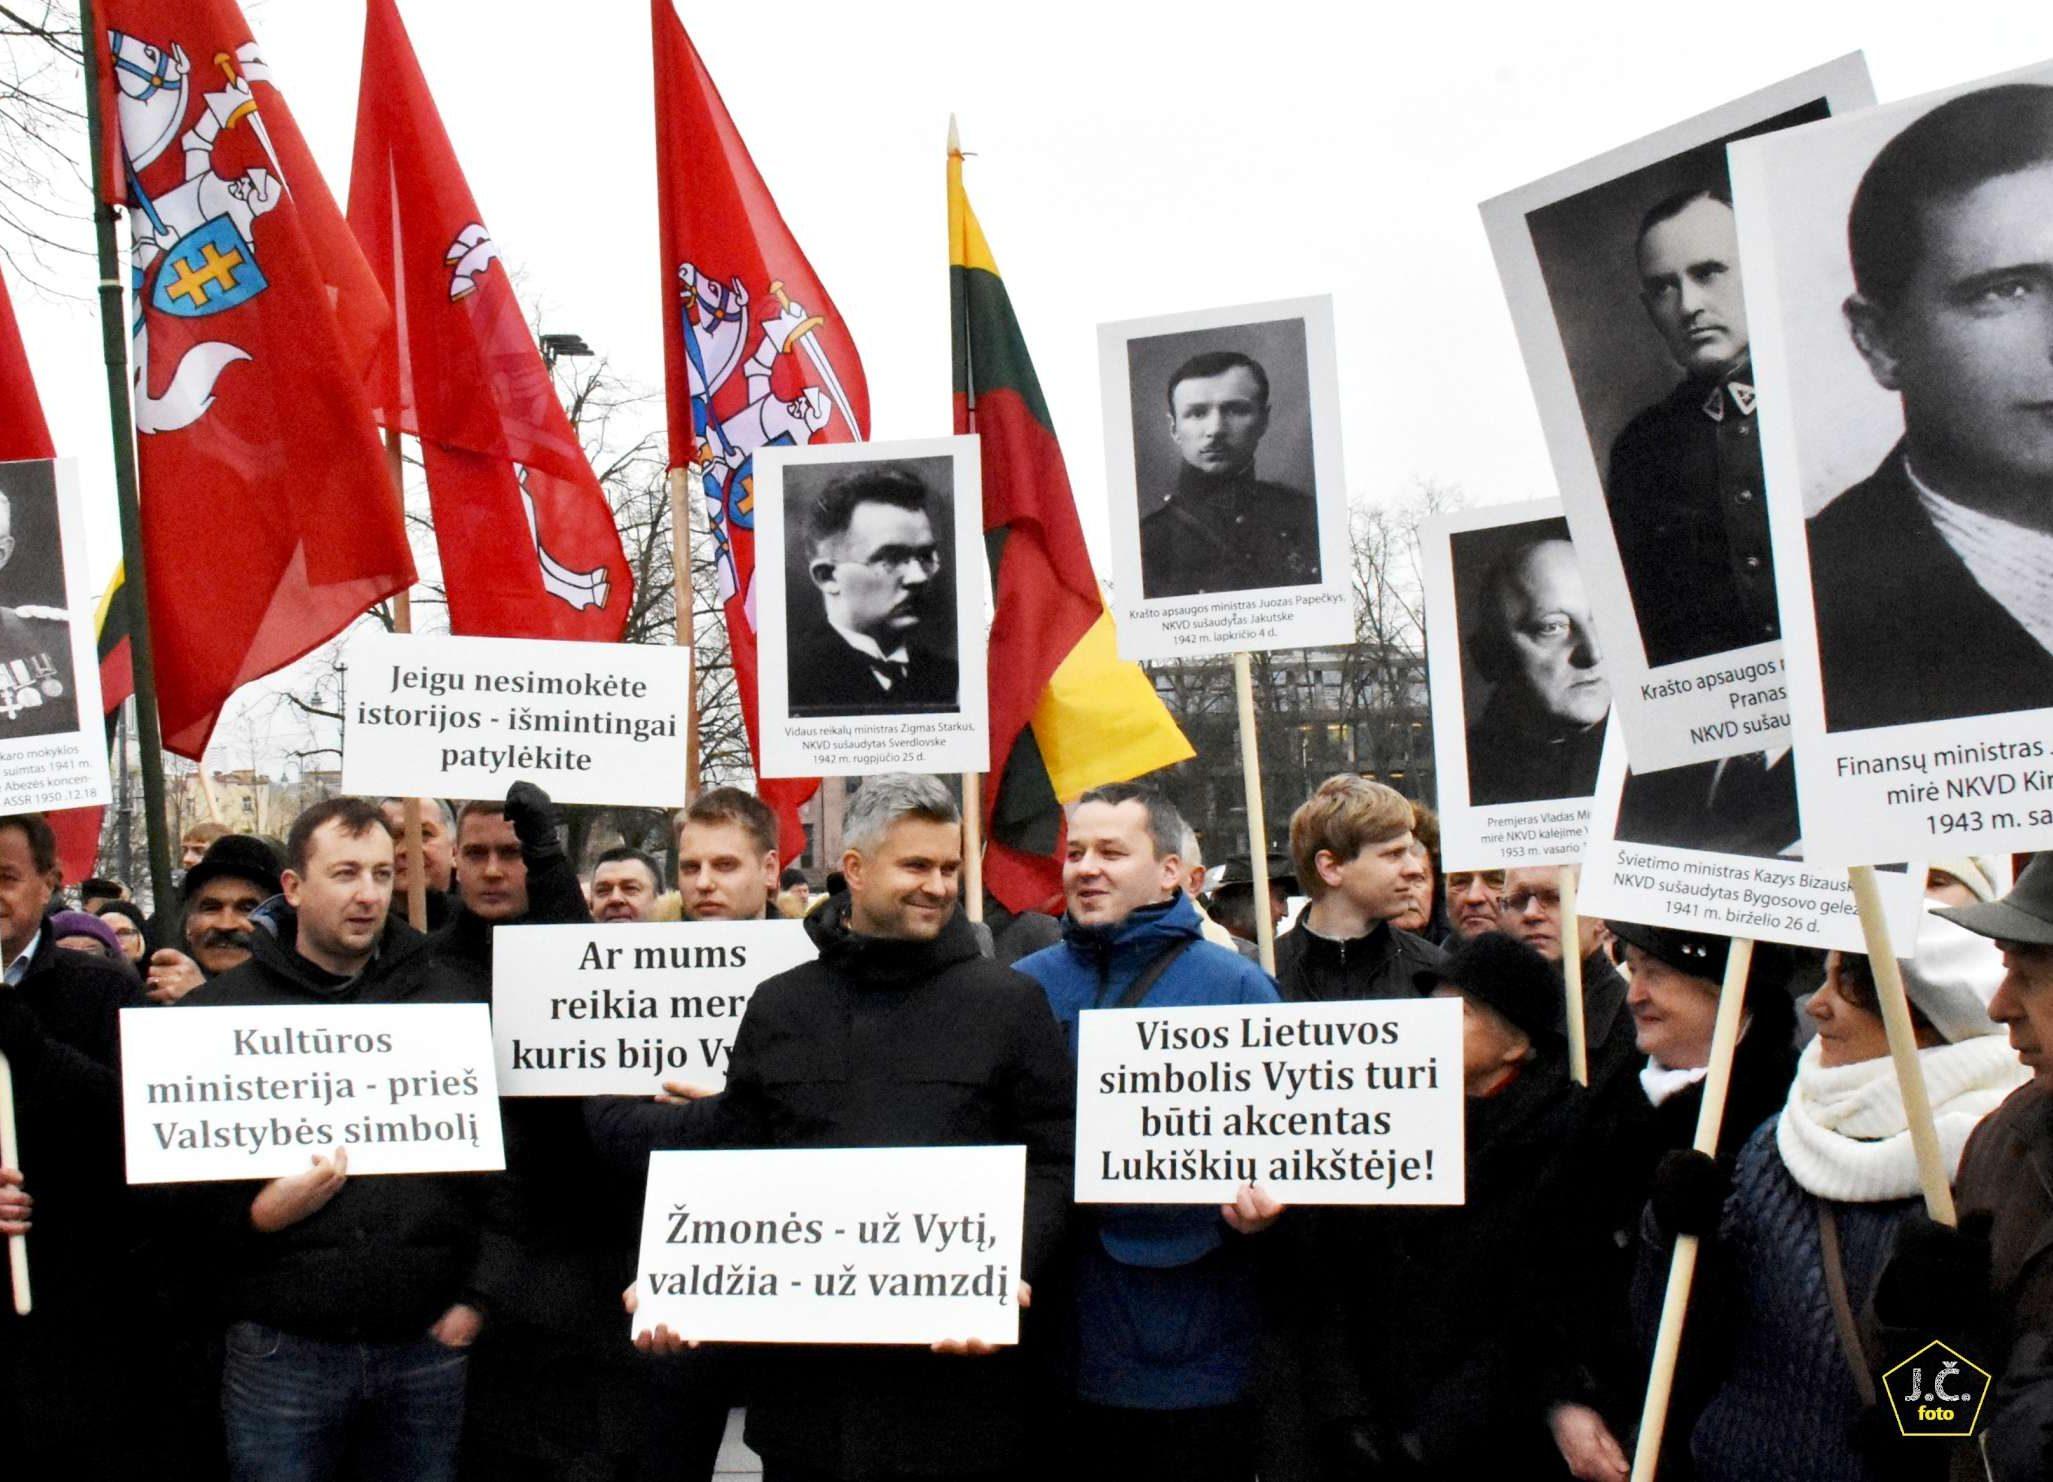 """TALKOS Mitingas nukreiptas prieš Kultūros ministerijos ir ŠMC """"konkursą"""" """"Mes be Vyčio nenurimsim""""   J. Česnavičiaus nuotr."""